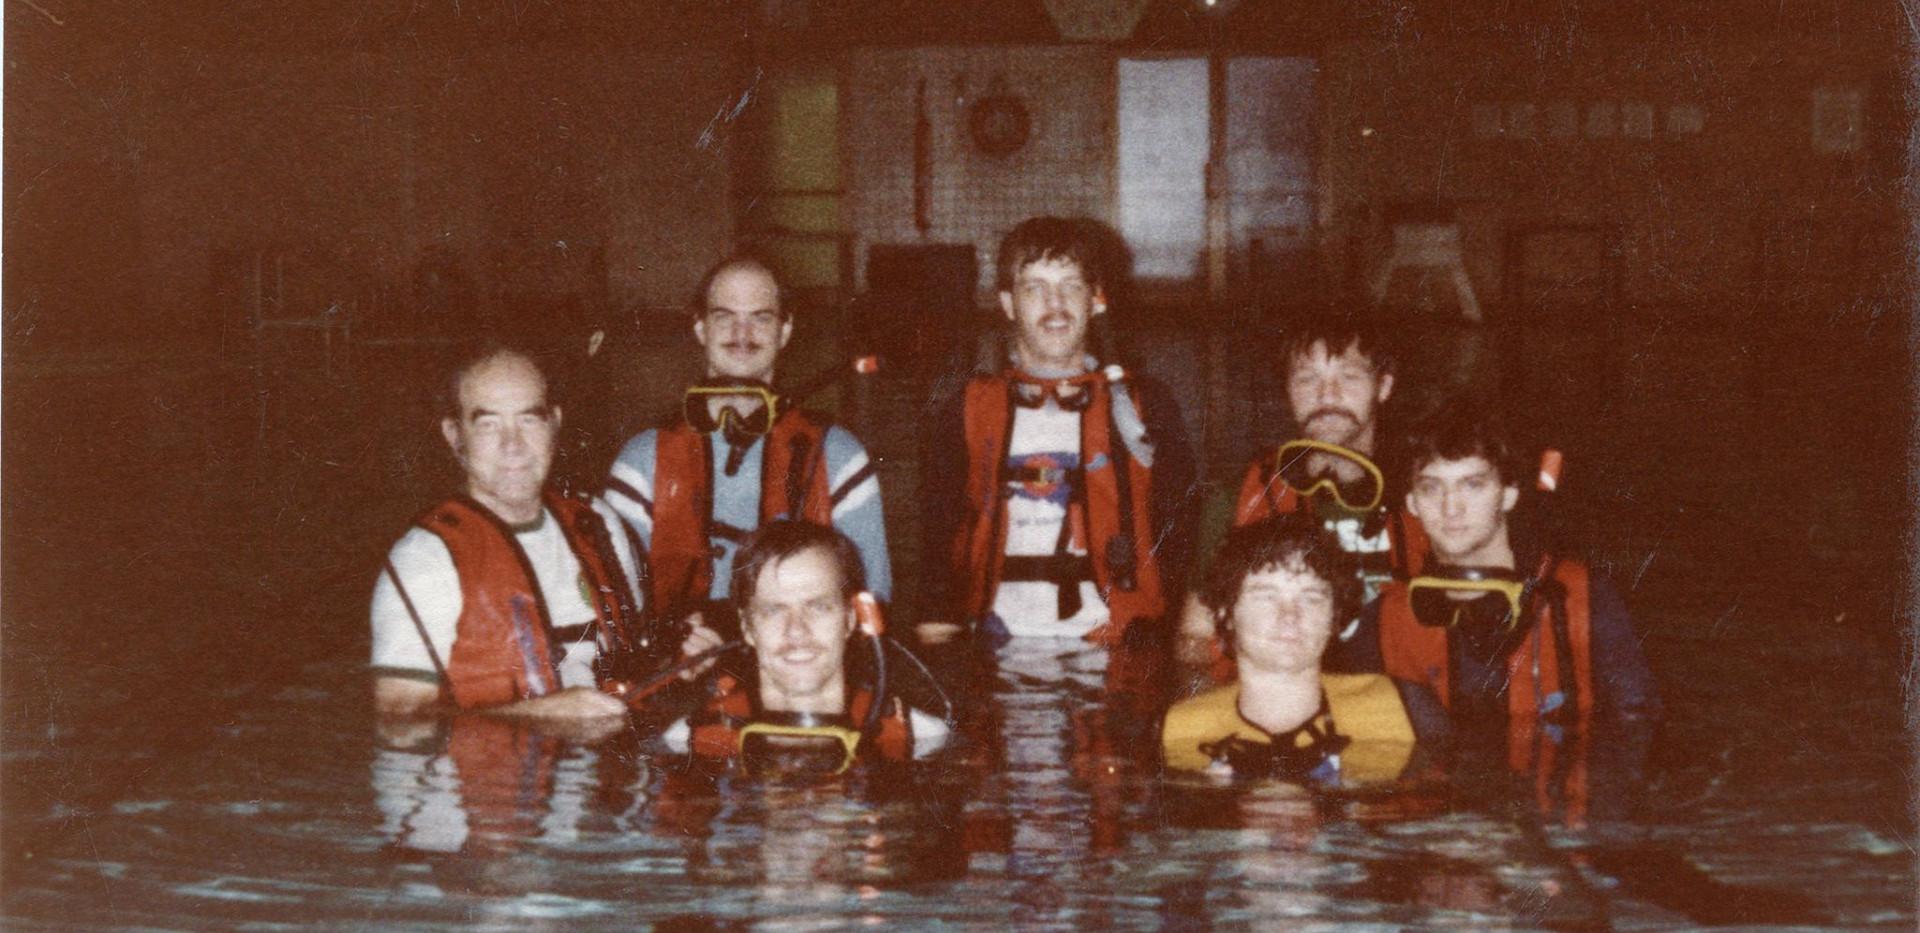 1982 First Dive Class